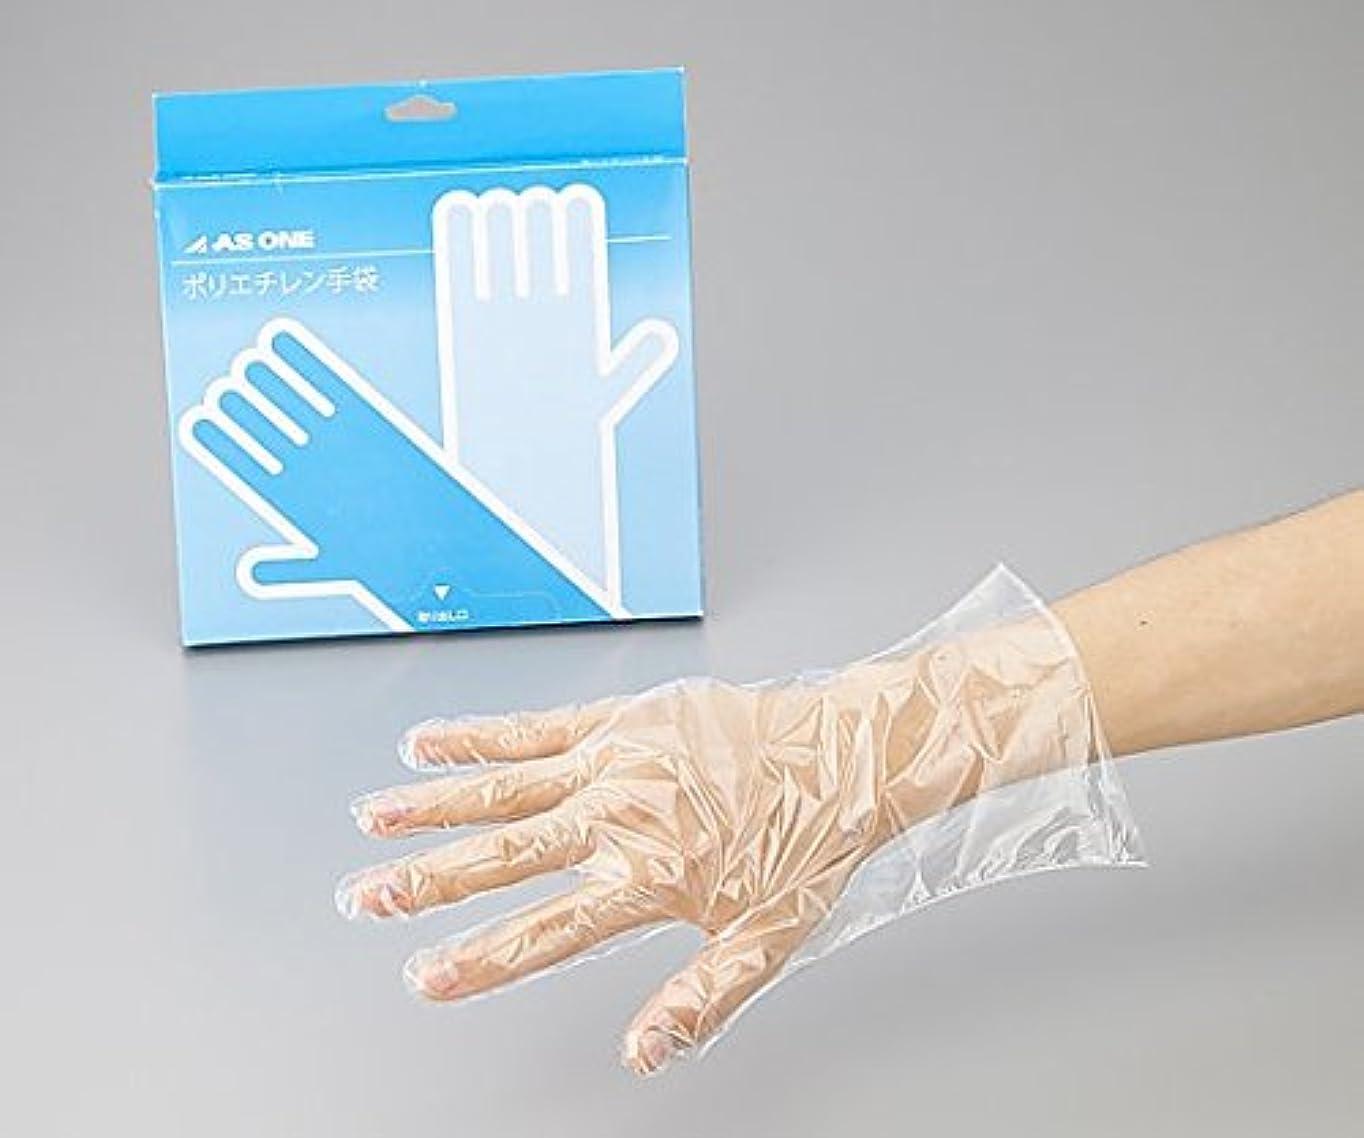 分布リスク層アズワン2-4972-03ポリエチレン手袋エコノミー薄手S100枚入